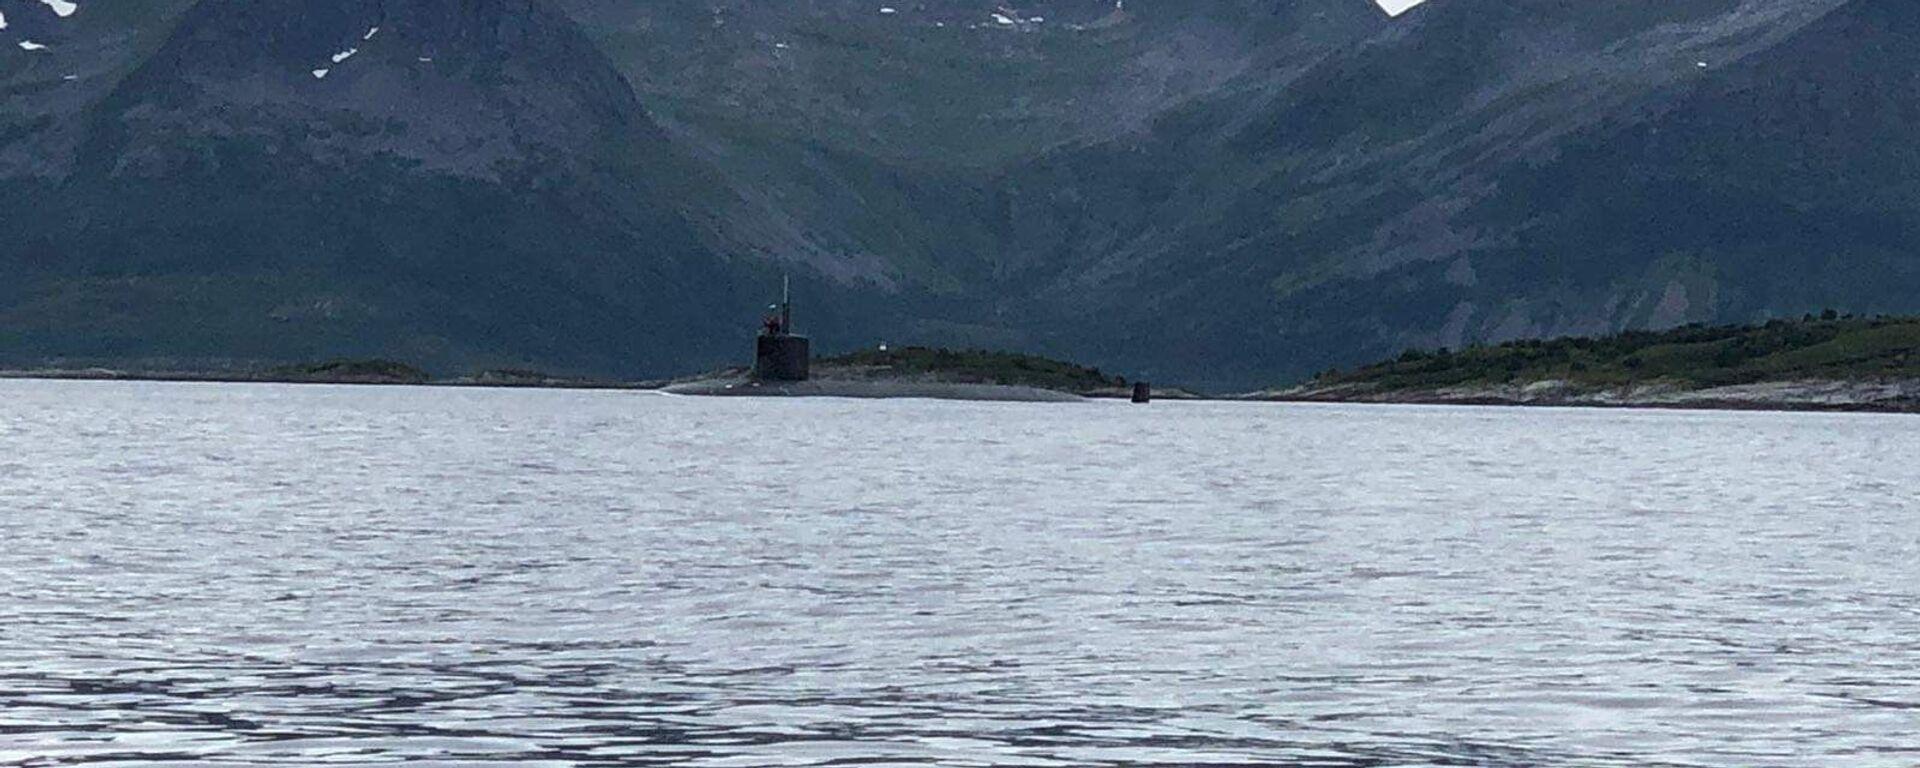 Tàu USS Seawolf của Hải quân Hoa Kỳ dừng ngoài khơi bờ biển Tromso, Na Uy - Sputnik Việt Nam, 1920, 09.10.2021